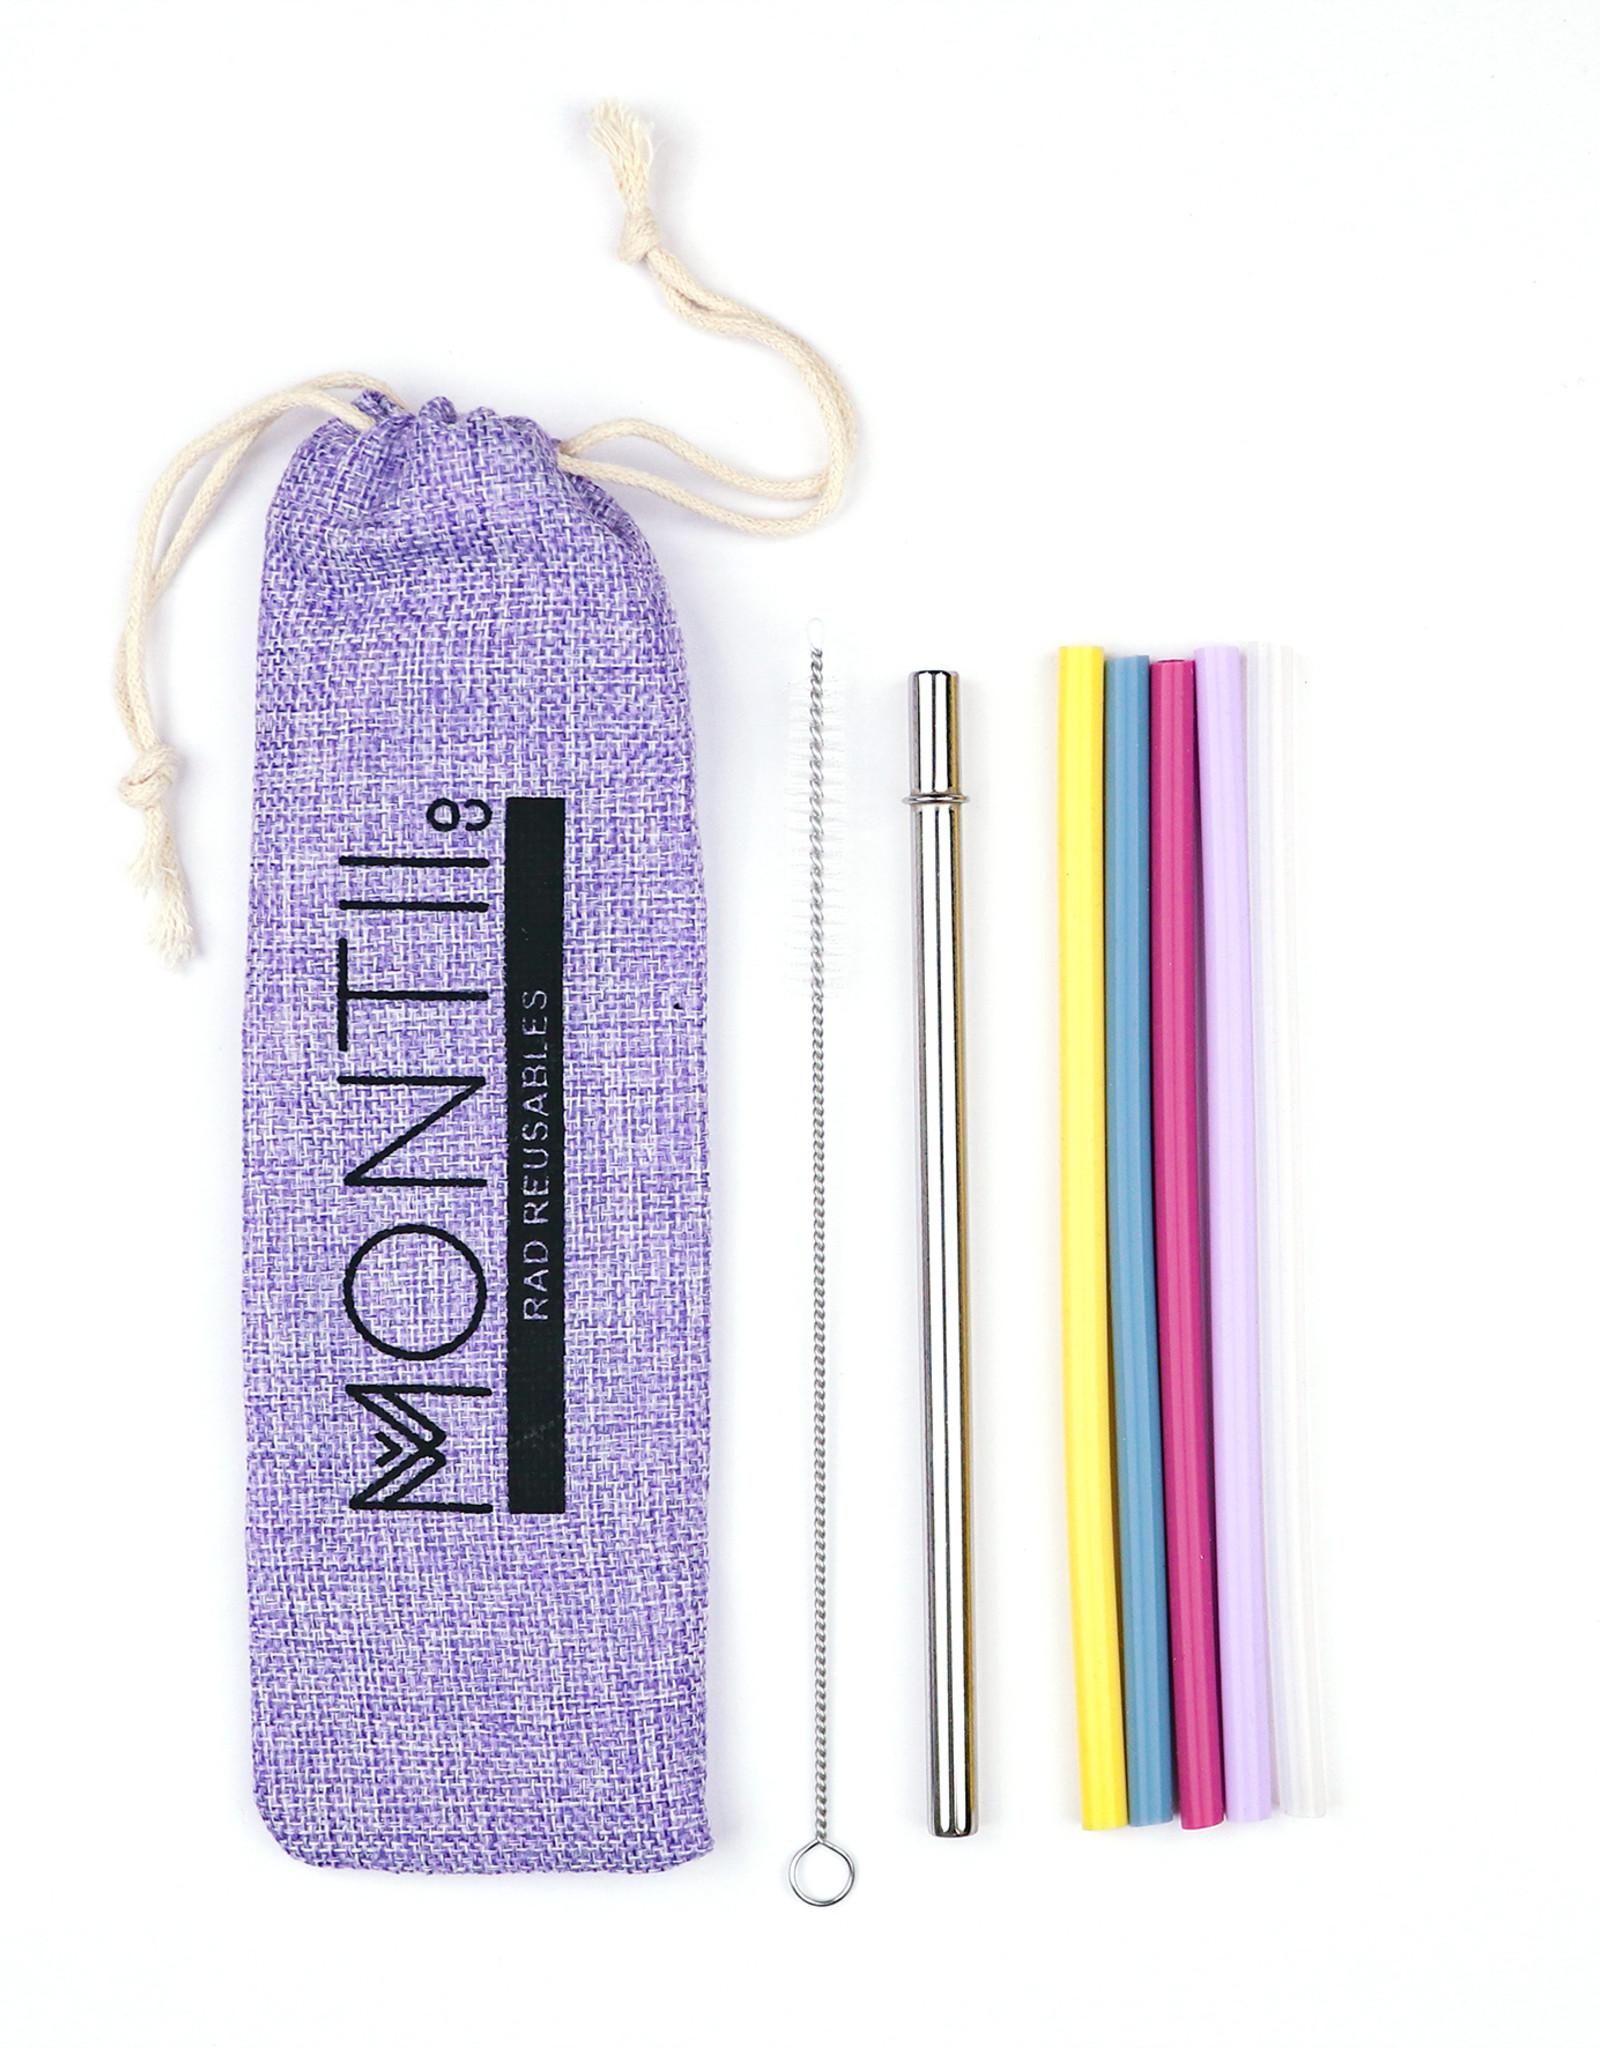 Montii Mini rietjes (set van 5 silicone +  1 RVS) - Mellow